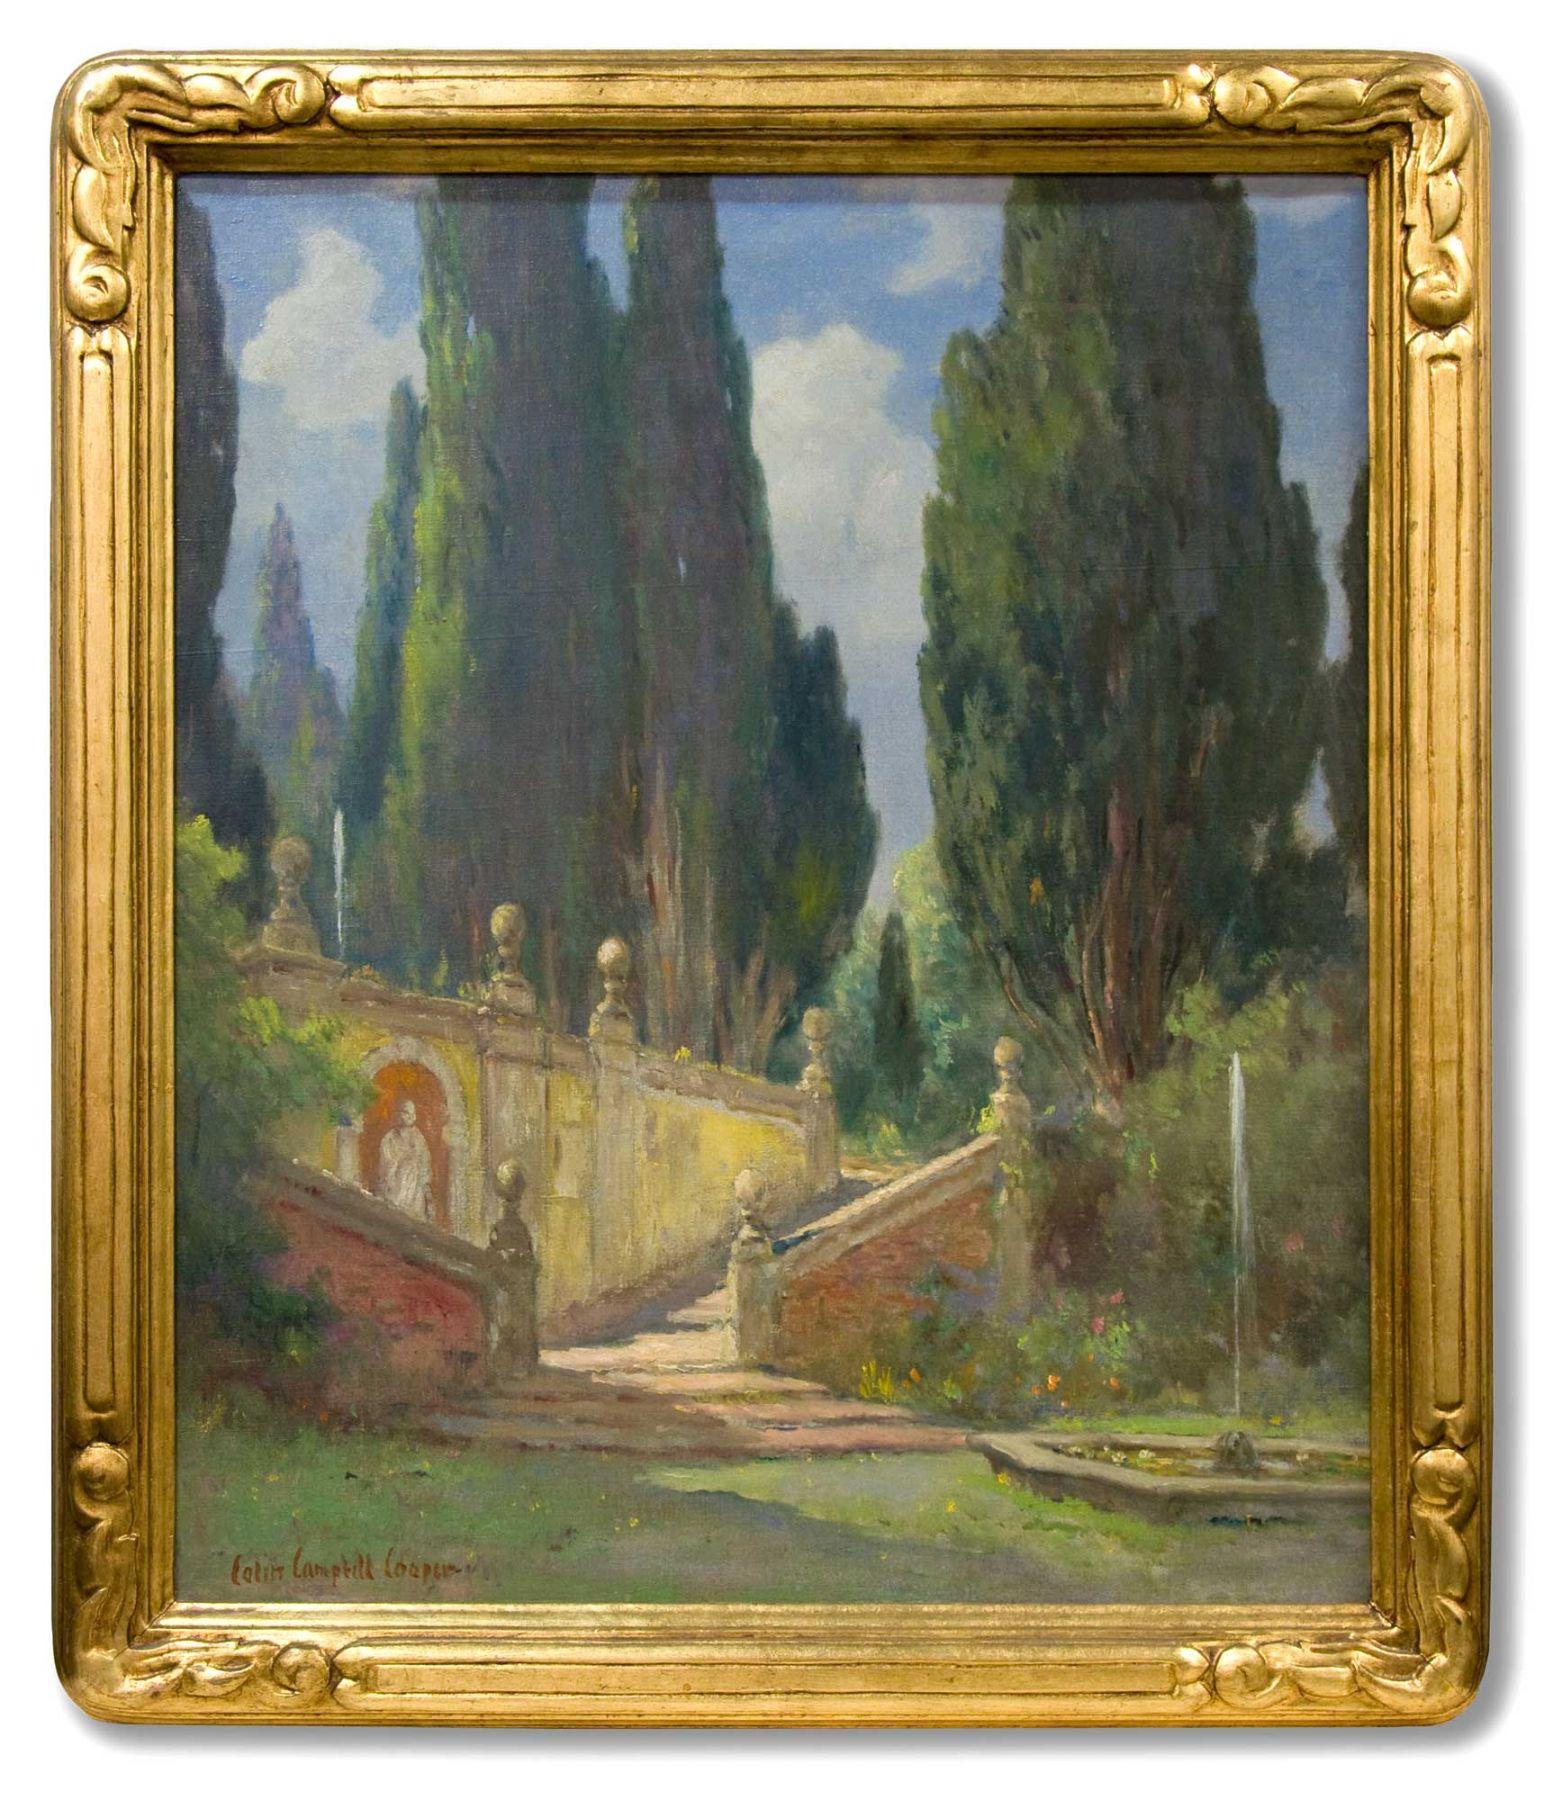 Colin Campbell Cooper - Medici Villa